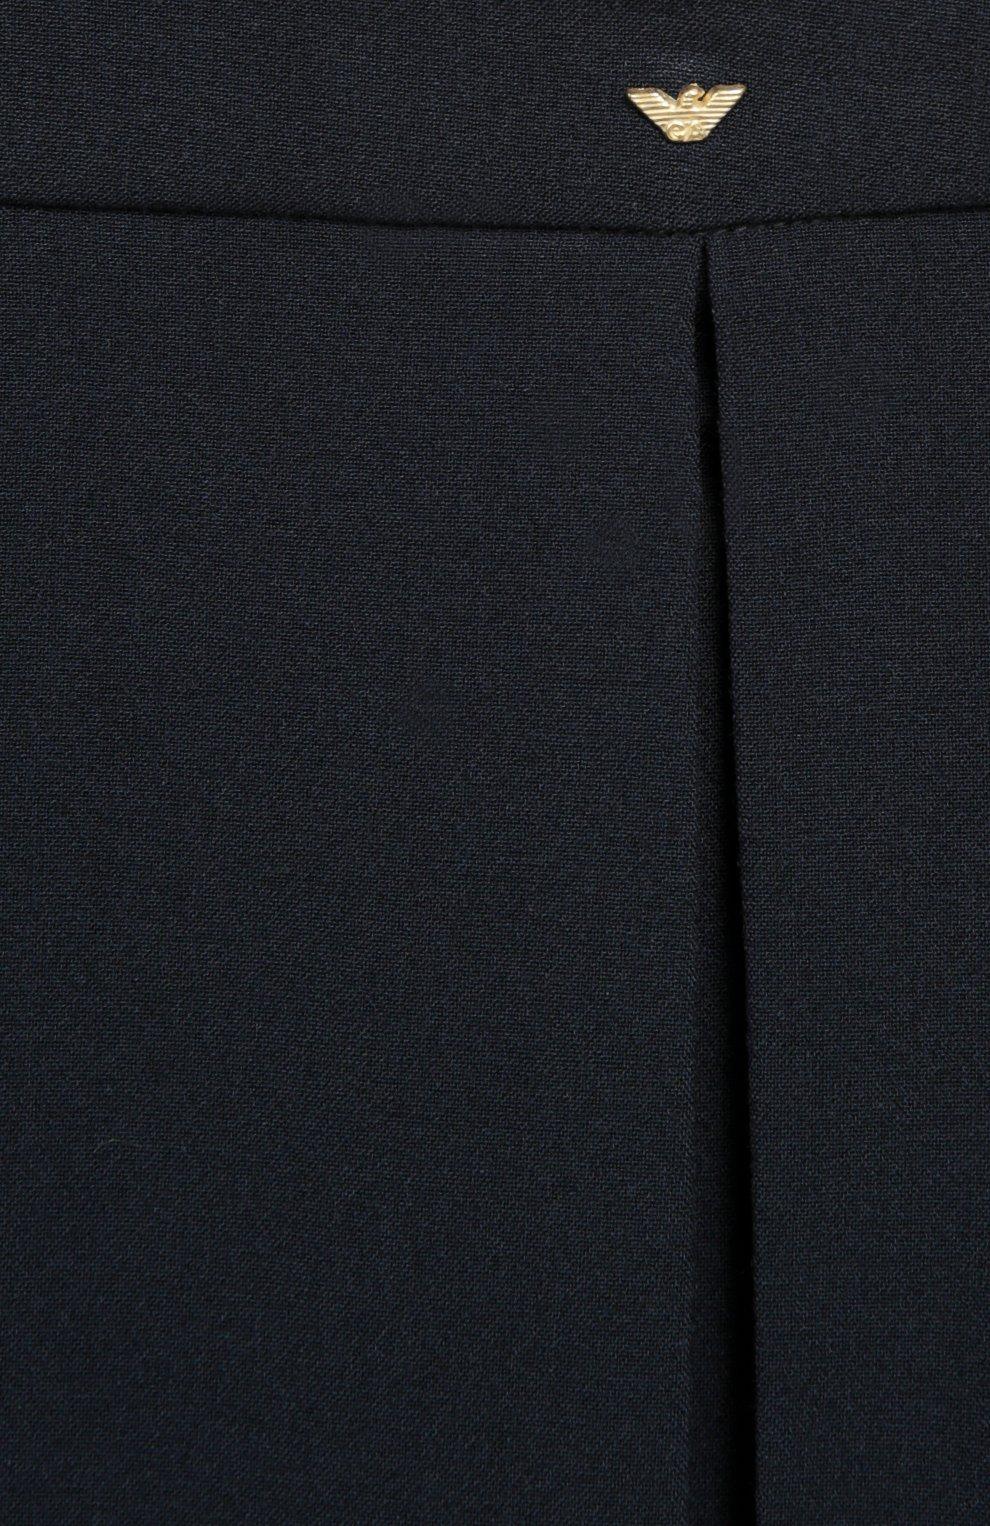 Прямая юбка со складками | Фото №2